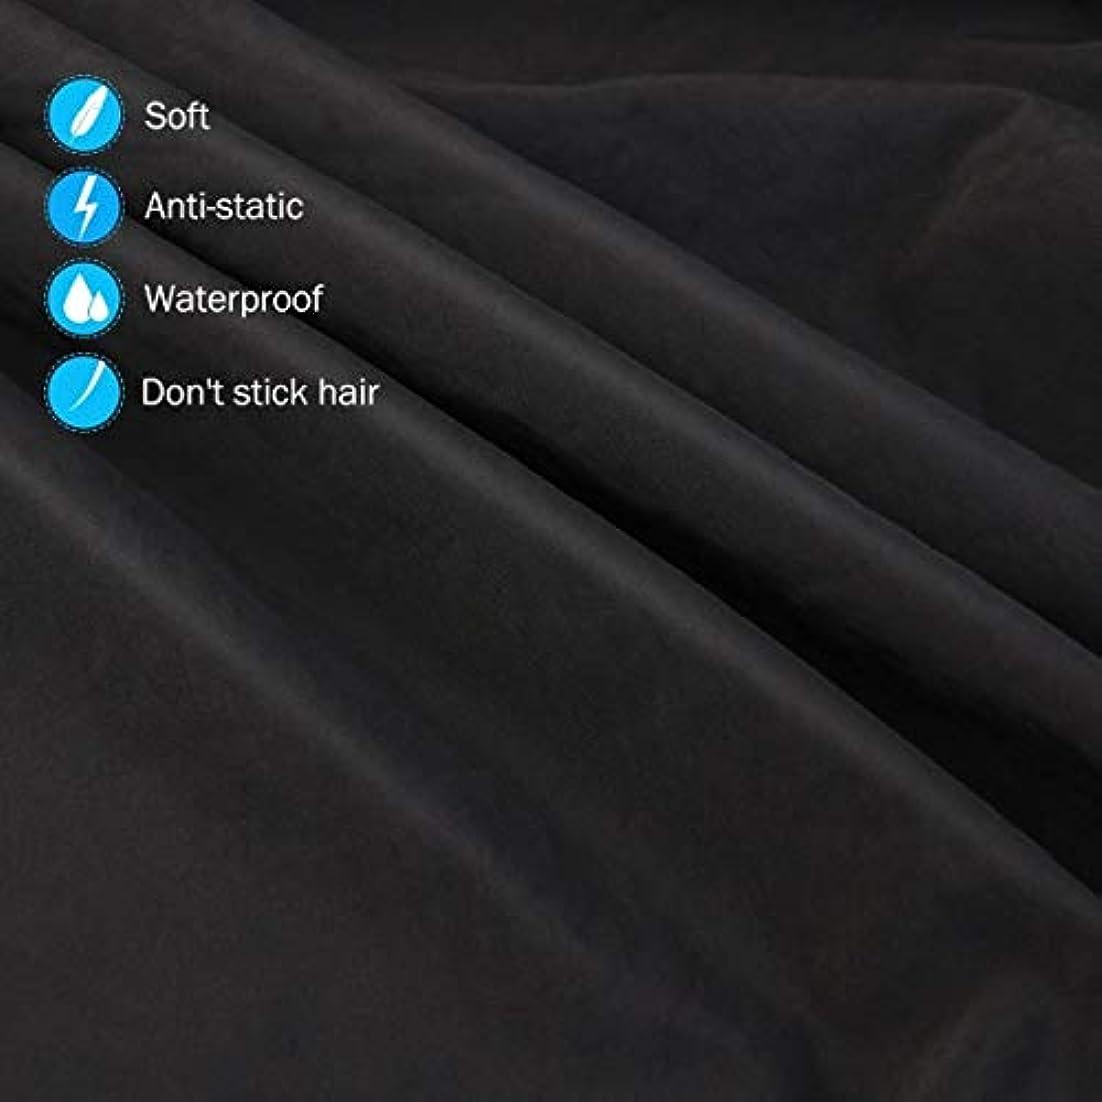 スモッグたっぷりピカリングHIZLJJ 大広間の家の理髪師の観覧の窓が付いている理髪ケープのガウン毛の切断のための目に見える観覧の窓が付いている防水大広間のガウンのエプロン